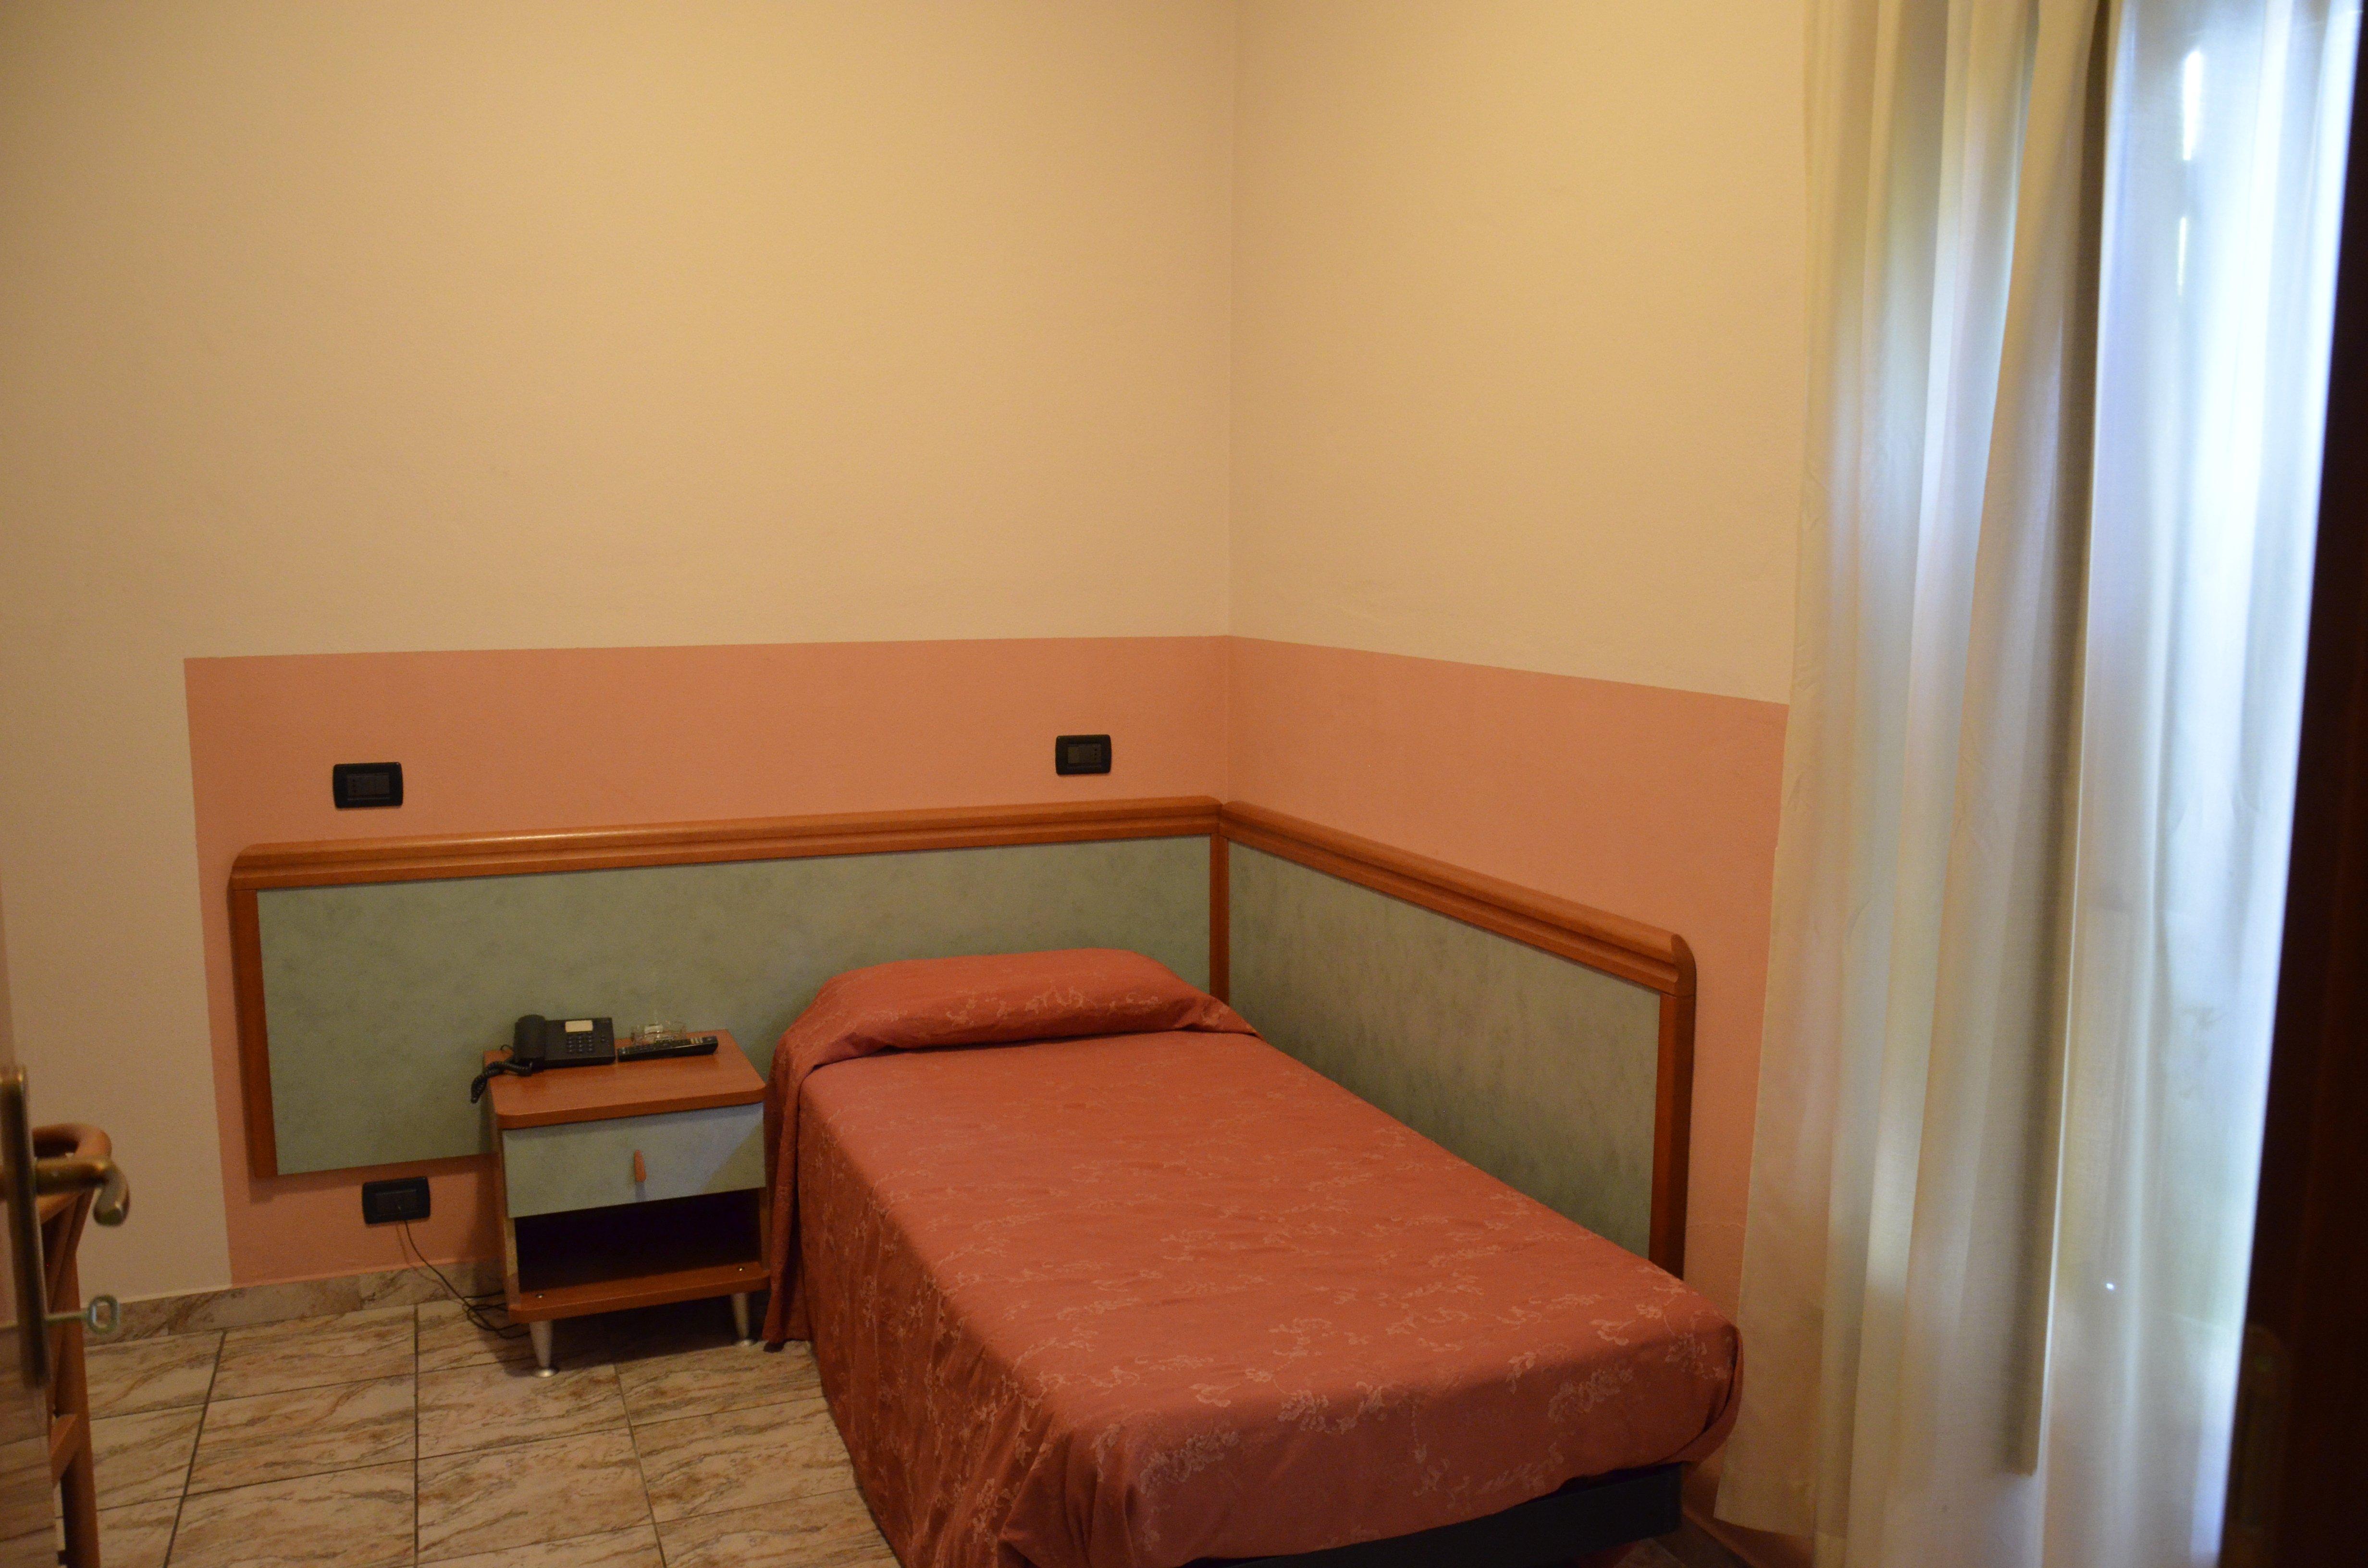 un letto singolo di una camera d'albergo